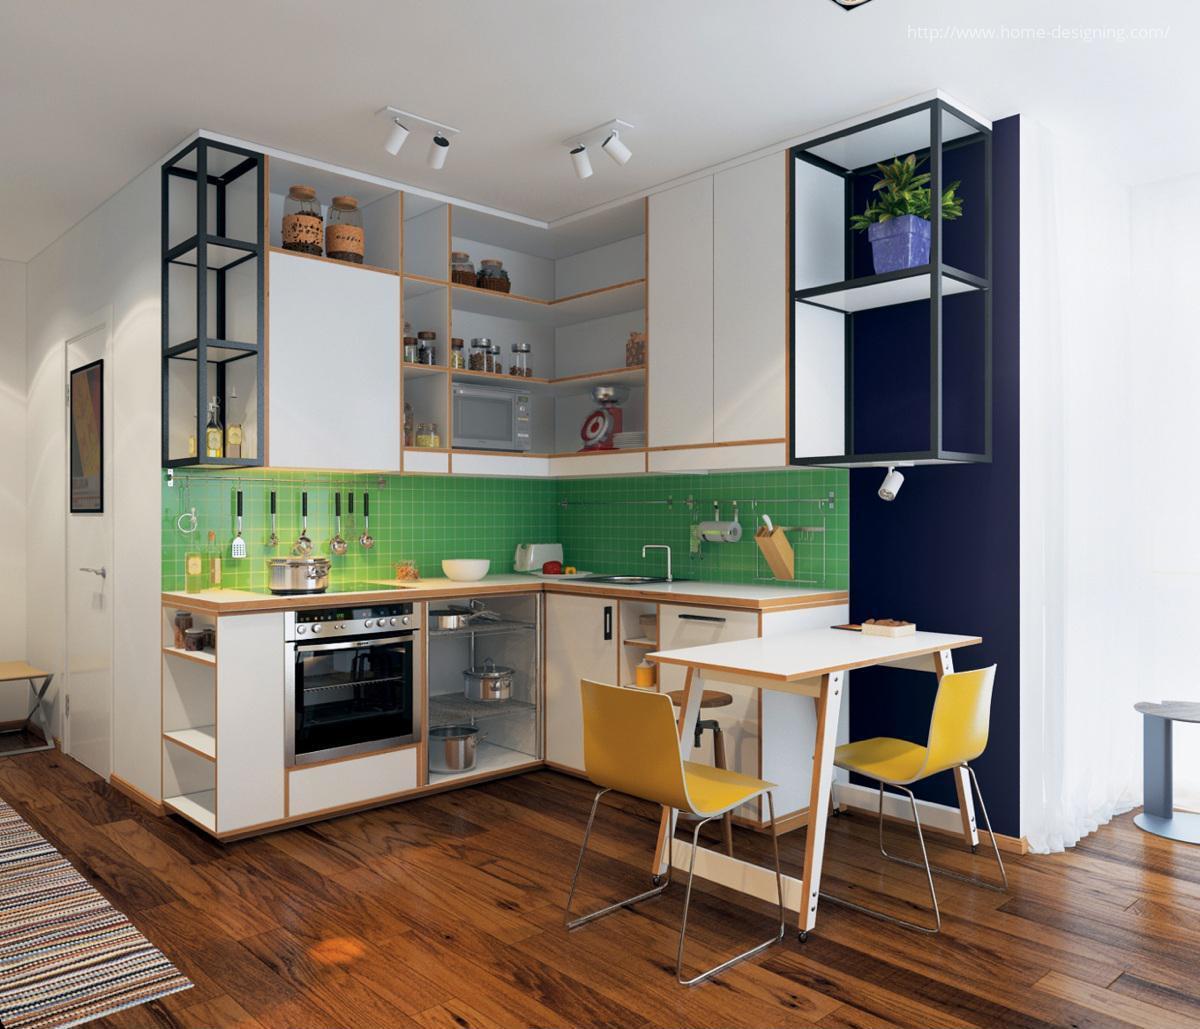 Szines Konyha on 400 Square Foot Studio Apartment Floor Plans